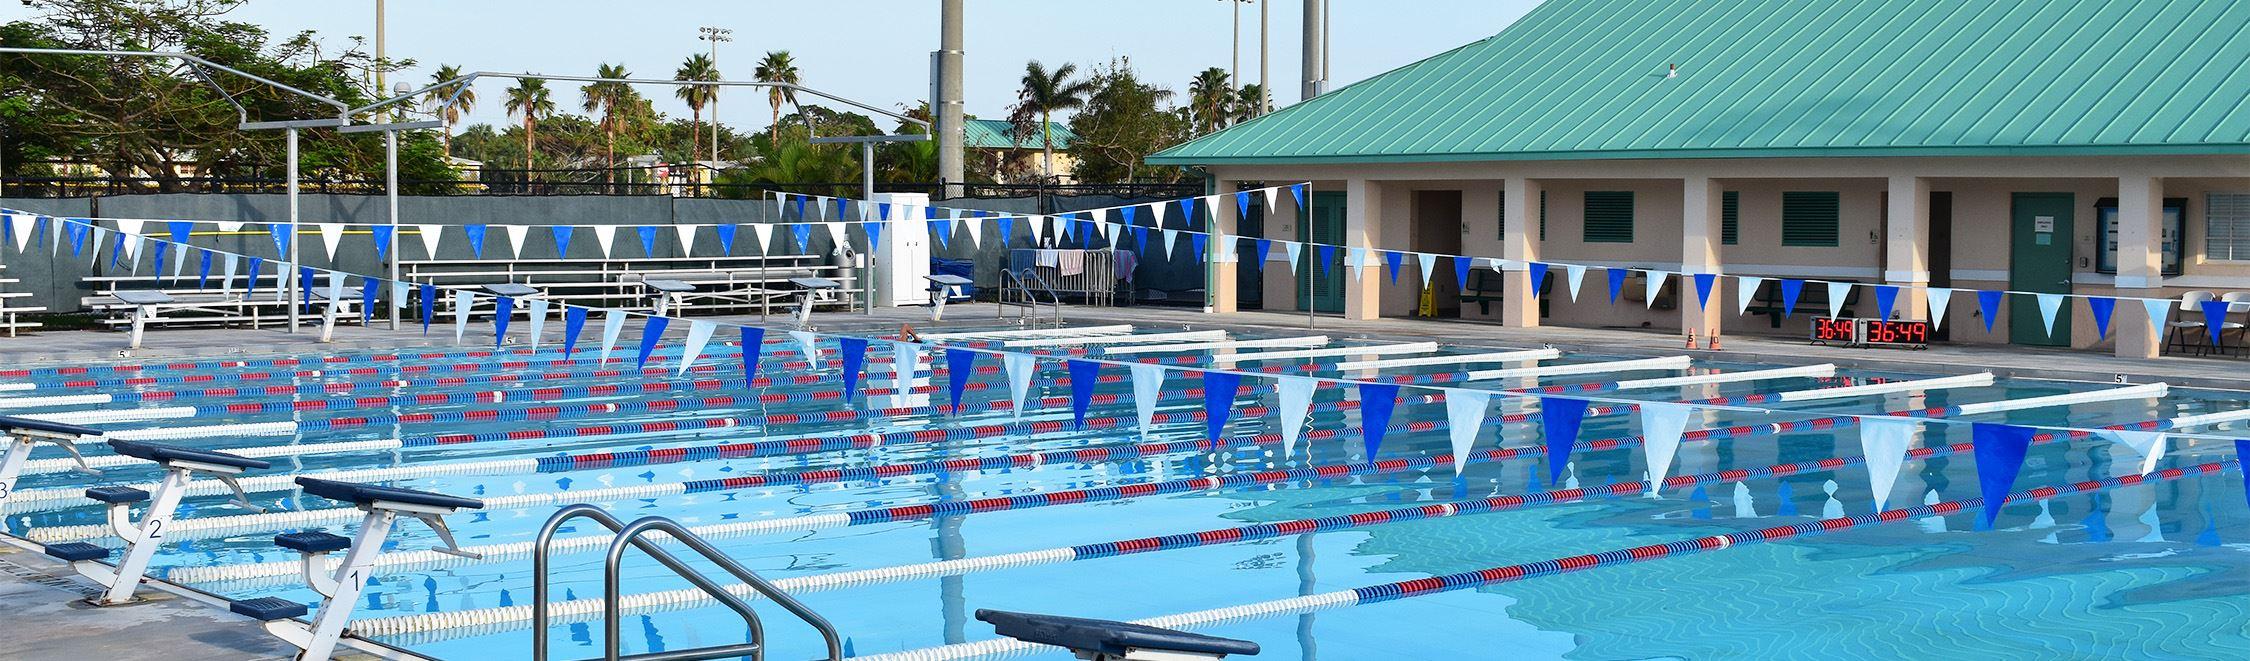 Deerfield Beach, FL - Official Website   Official Website